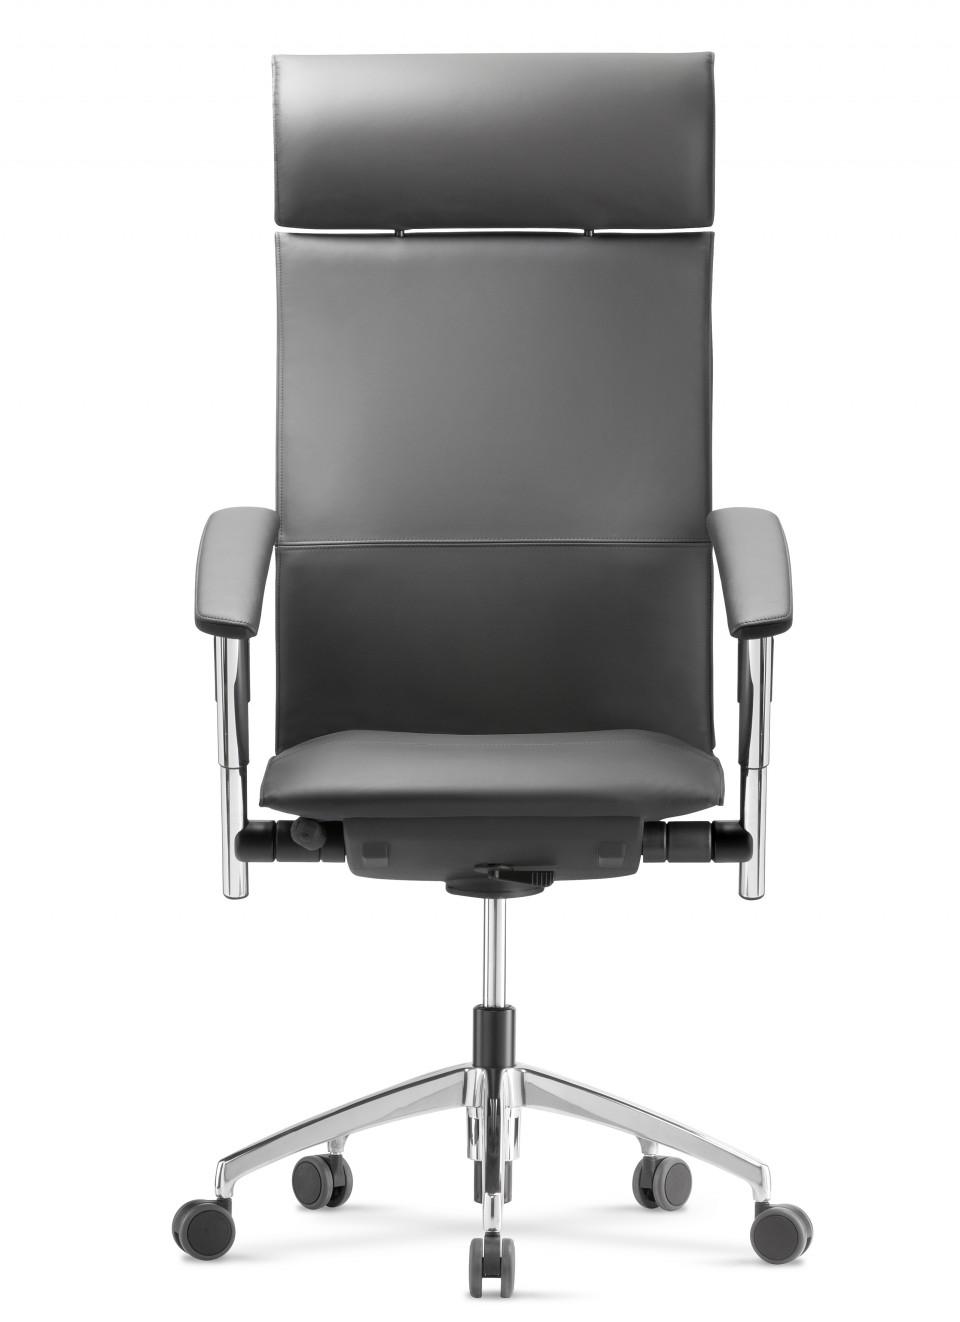 fauteuil de bureau cuir admin achat fauteuil bureau cuir 1 229 00. Black Bedroom Furniture Sets. Home Design Ideas